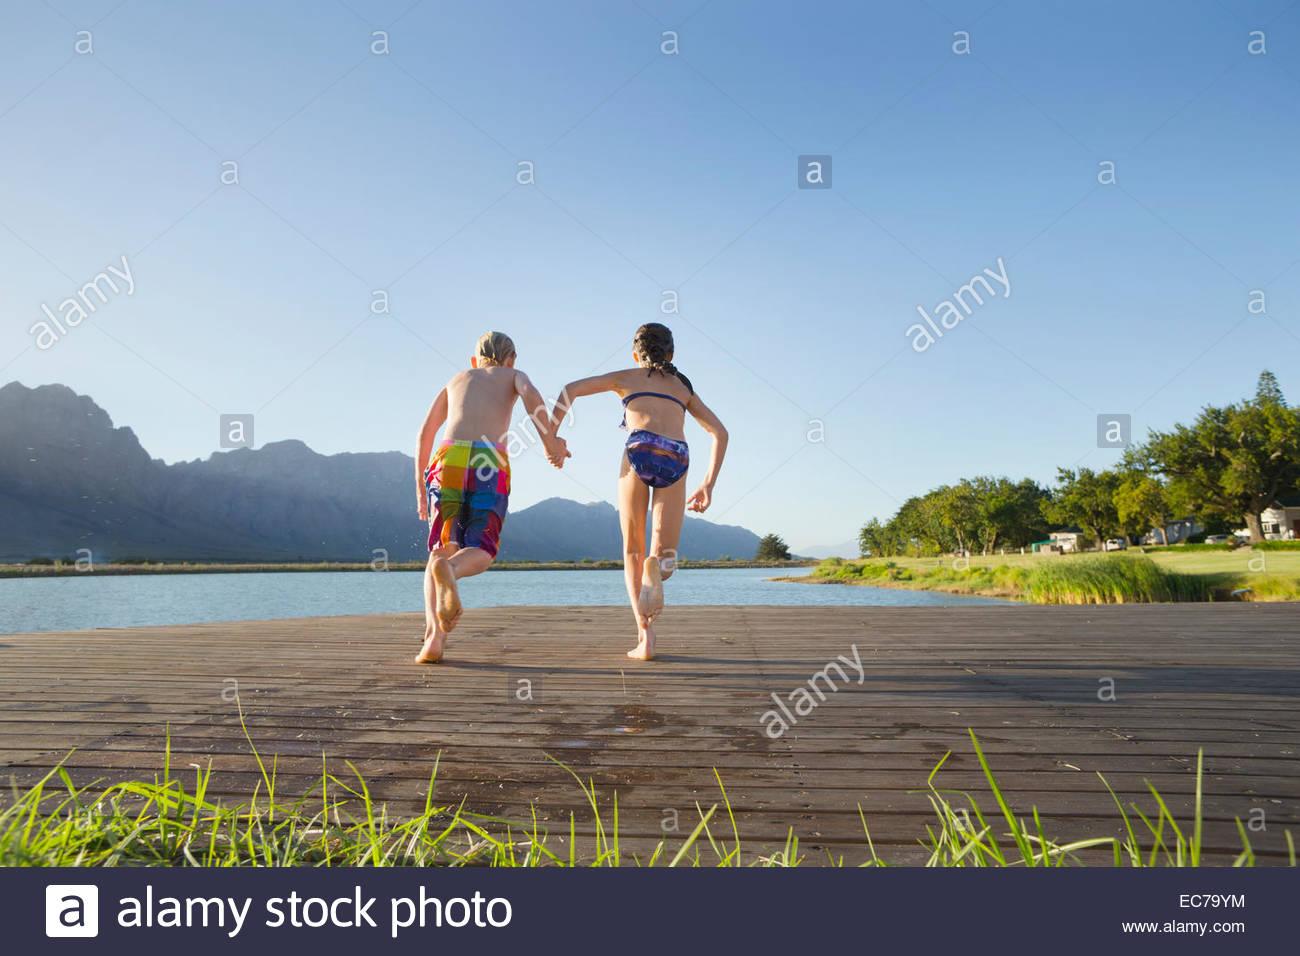 Les enfants dans le bain, la course de sauter dans un lac d'une jetée Photo Stock